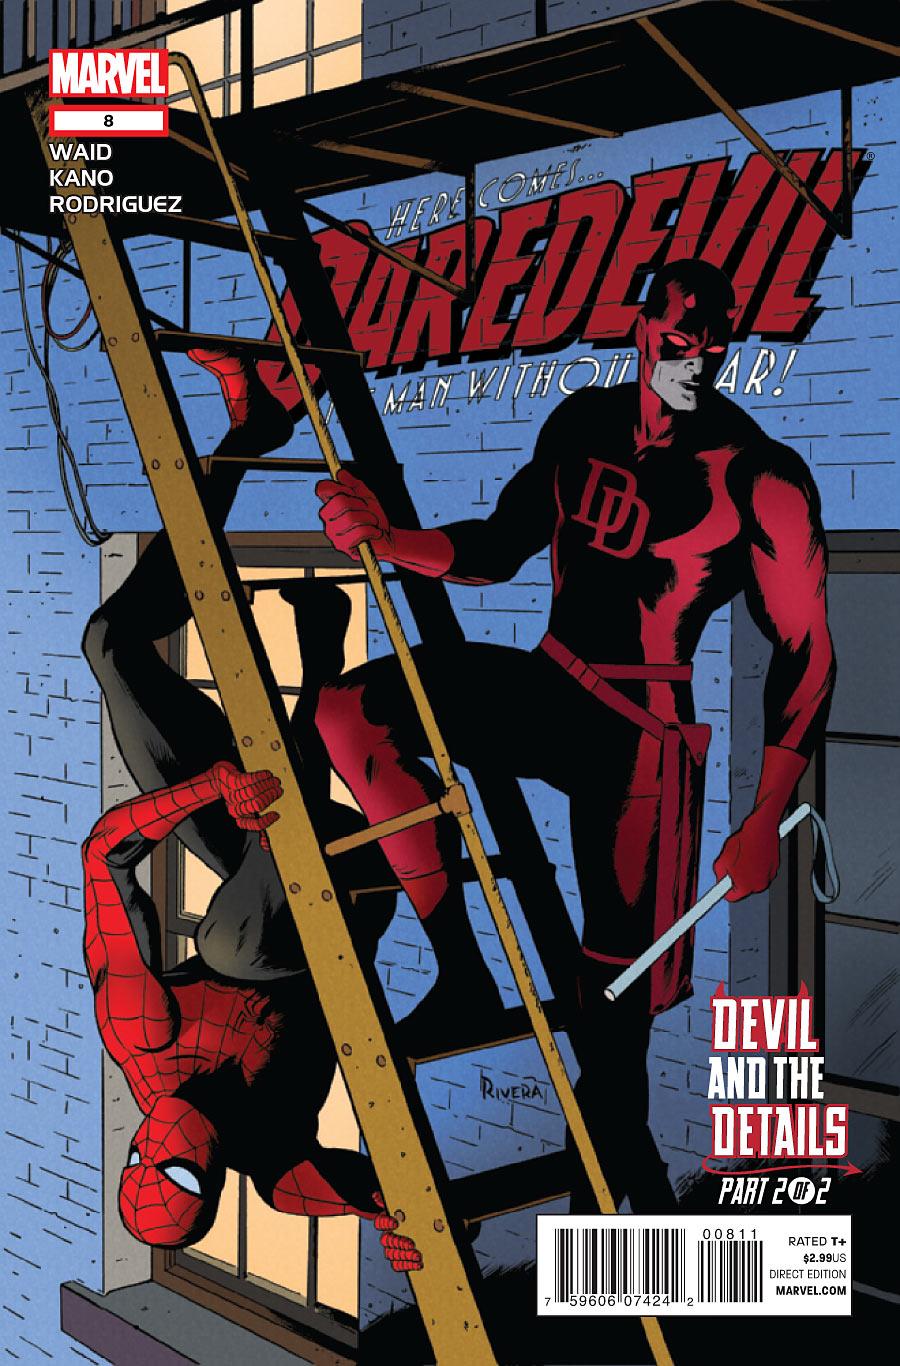 Daredevil vol 3 8 marvel comics database